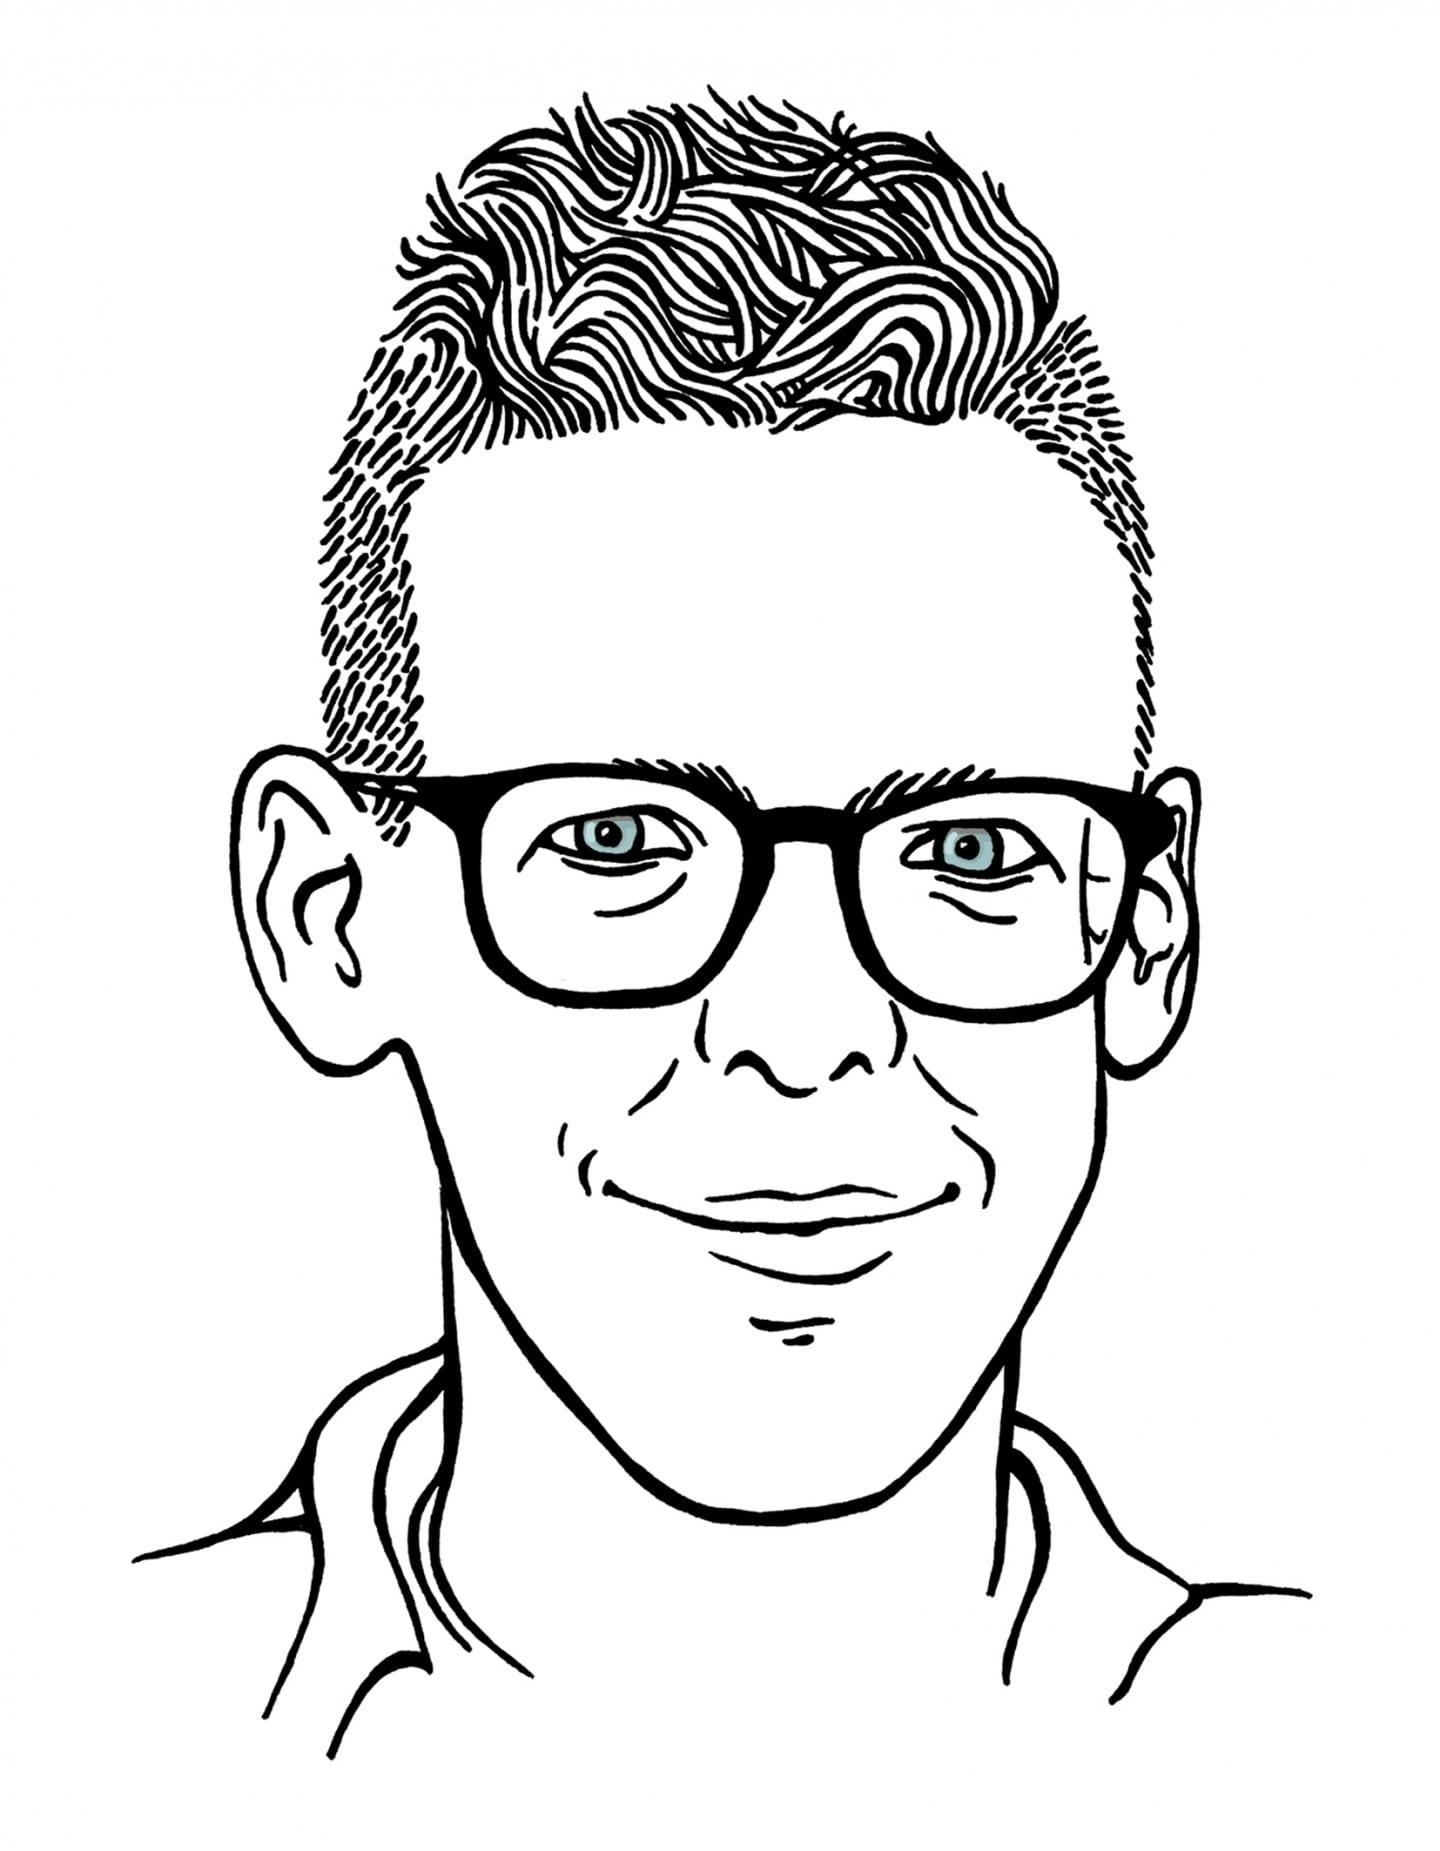 Maarten van Enkhuizen